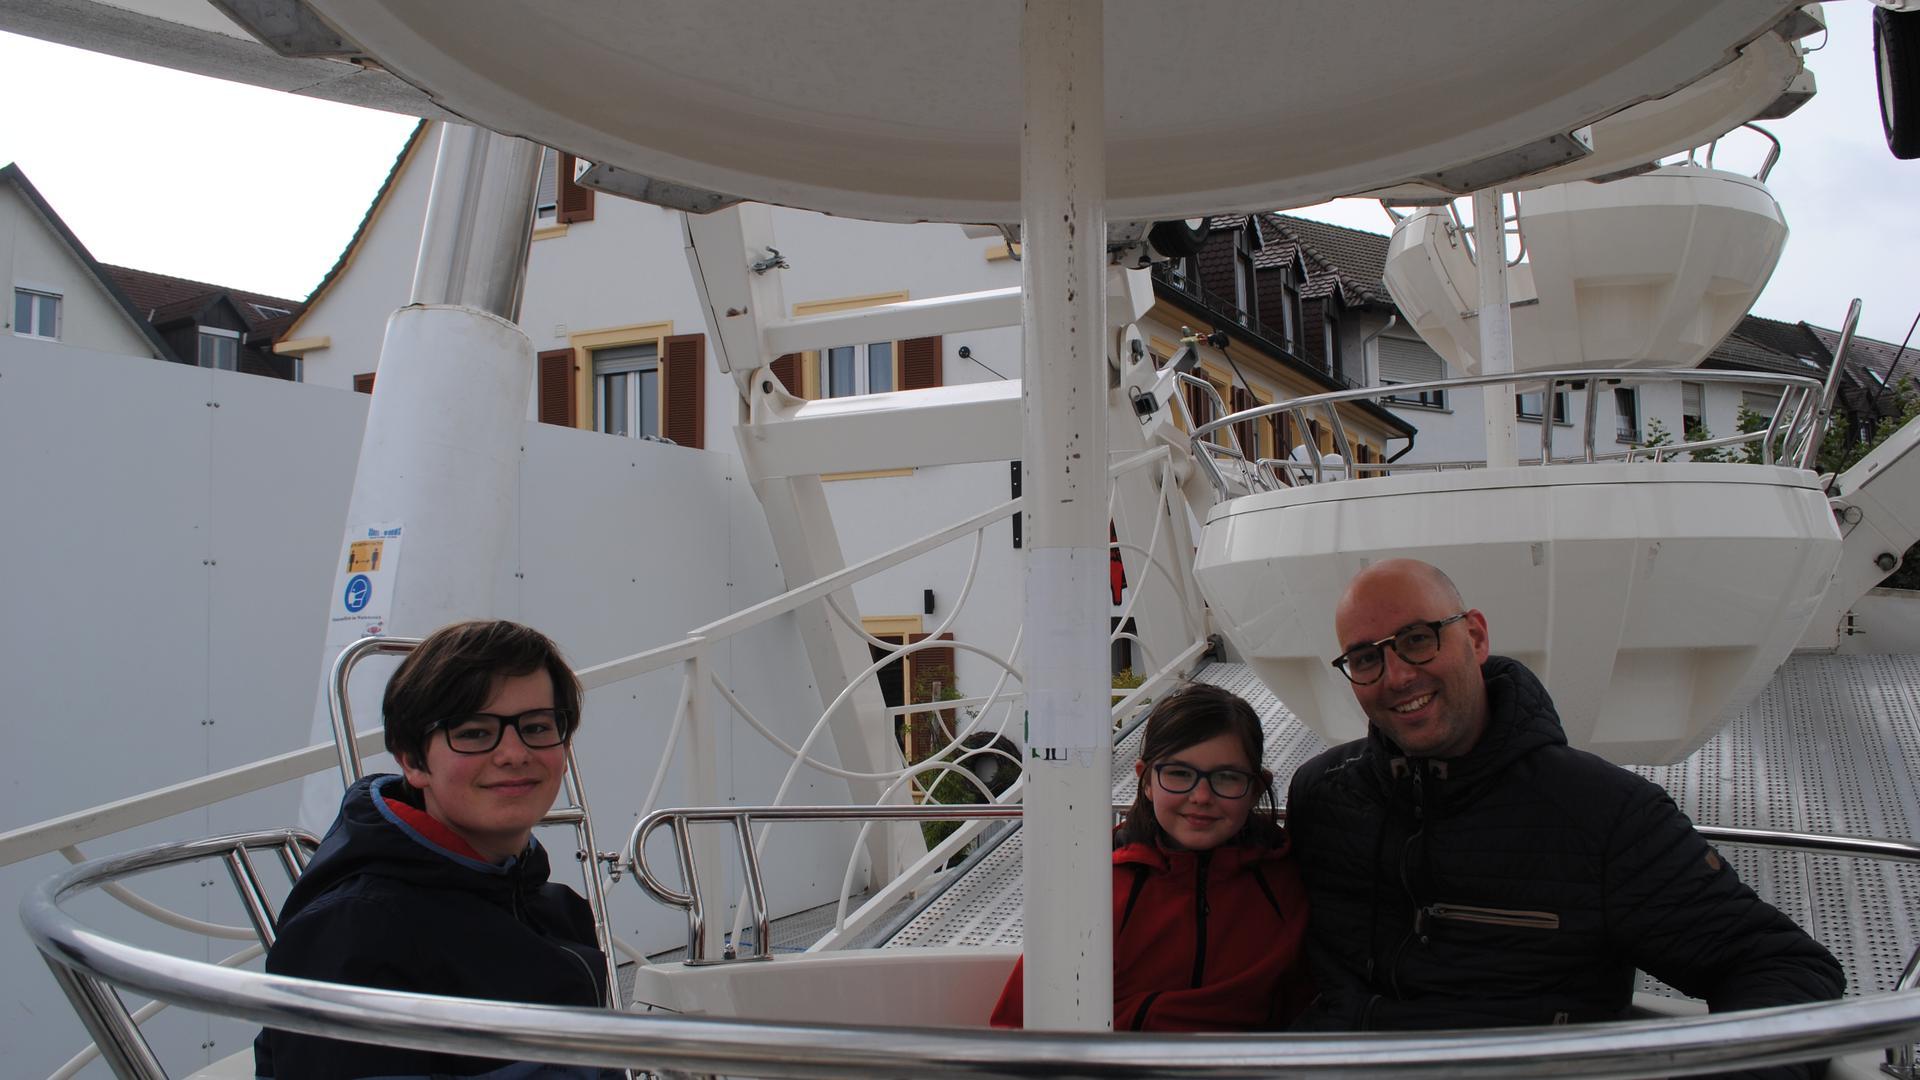 Kilian (12), Resa (10) und Benny Oehde (42) sitzen in der Gondel des Riesenrads